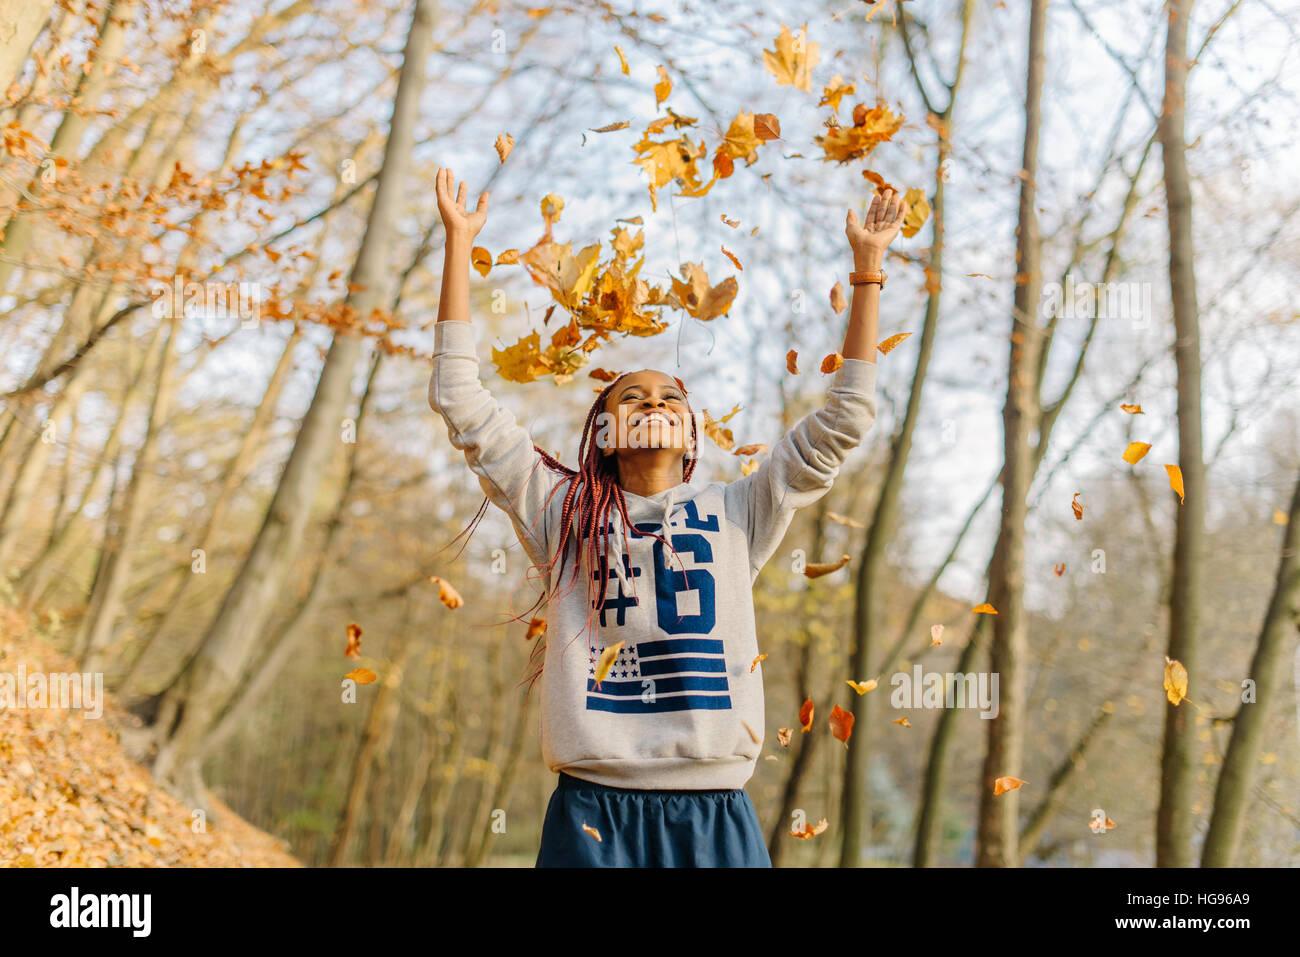 Muchacha africana jugando con manojo de hojas, disfrutando de otoño cálido día en el parque. Divertirse Imagen De Stock